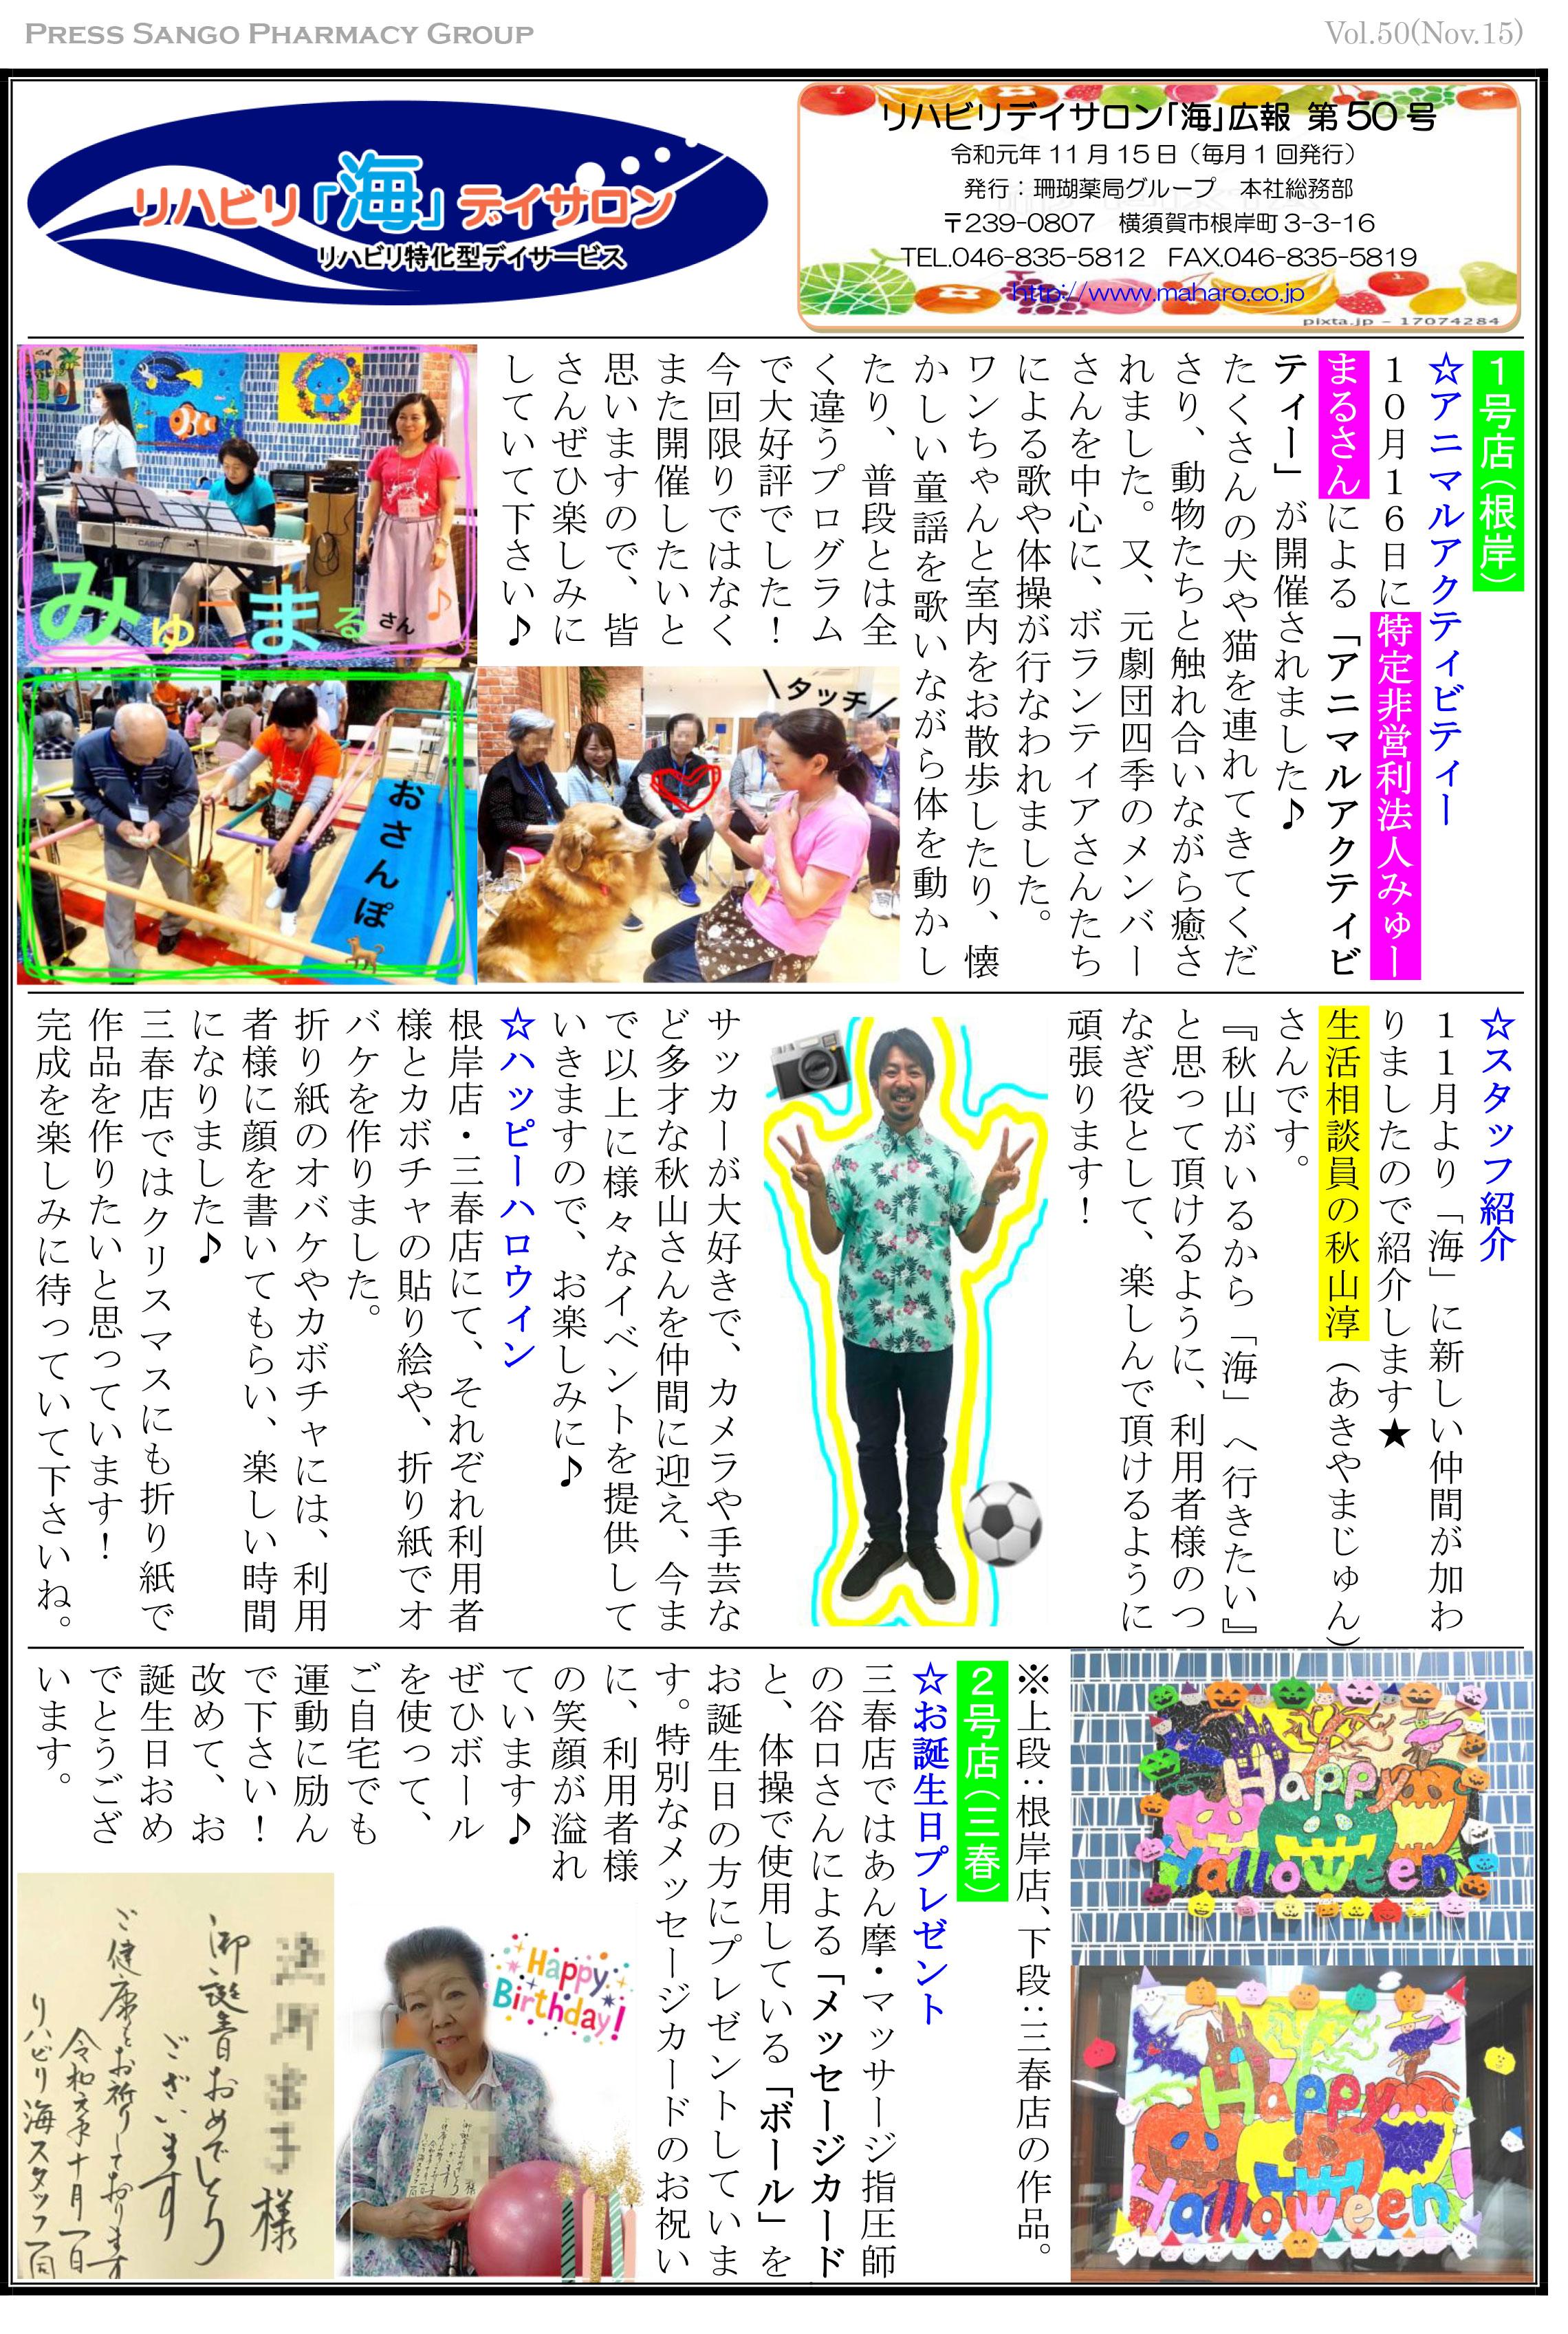 リハビリデイサロン「海」広報誌 第50号